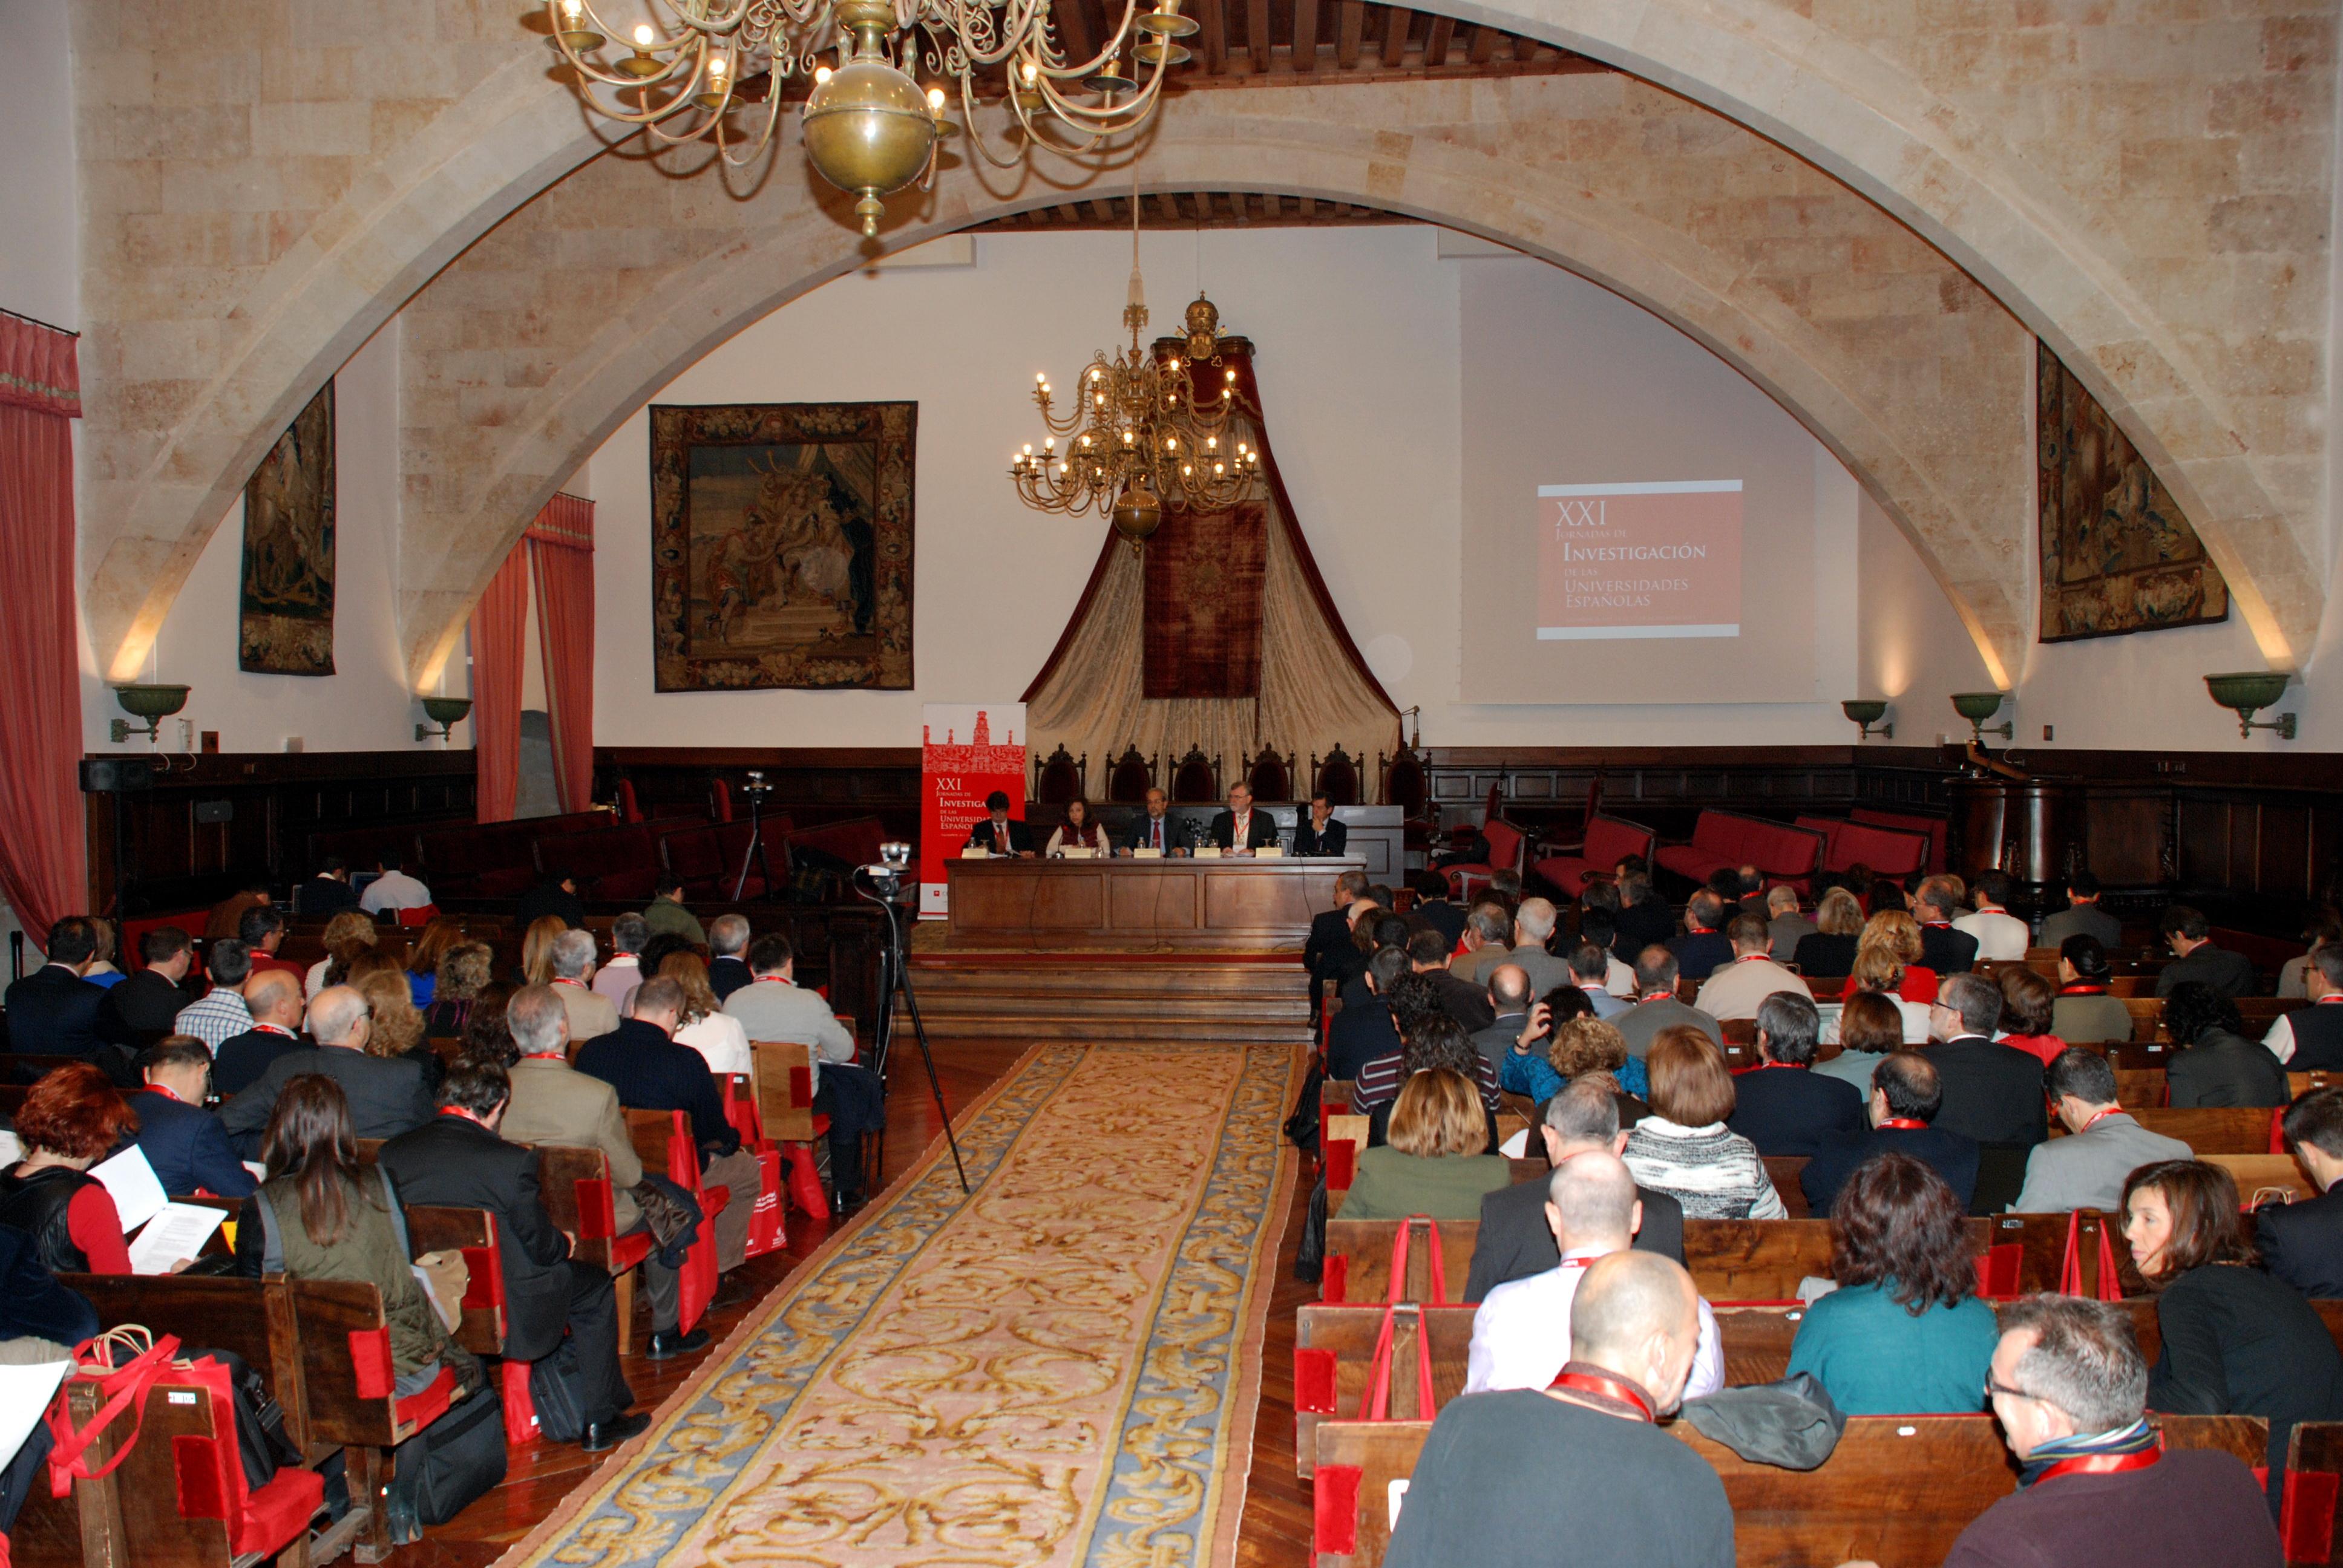 Inauguración de las XXI Jornadas de Investigación de las Universidades Españolas